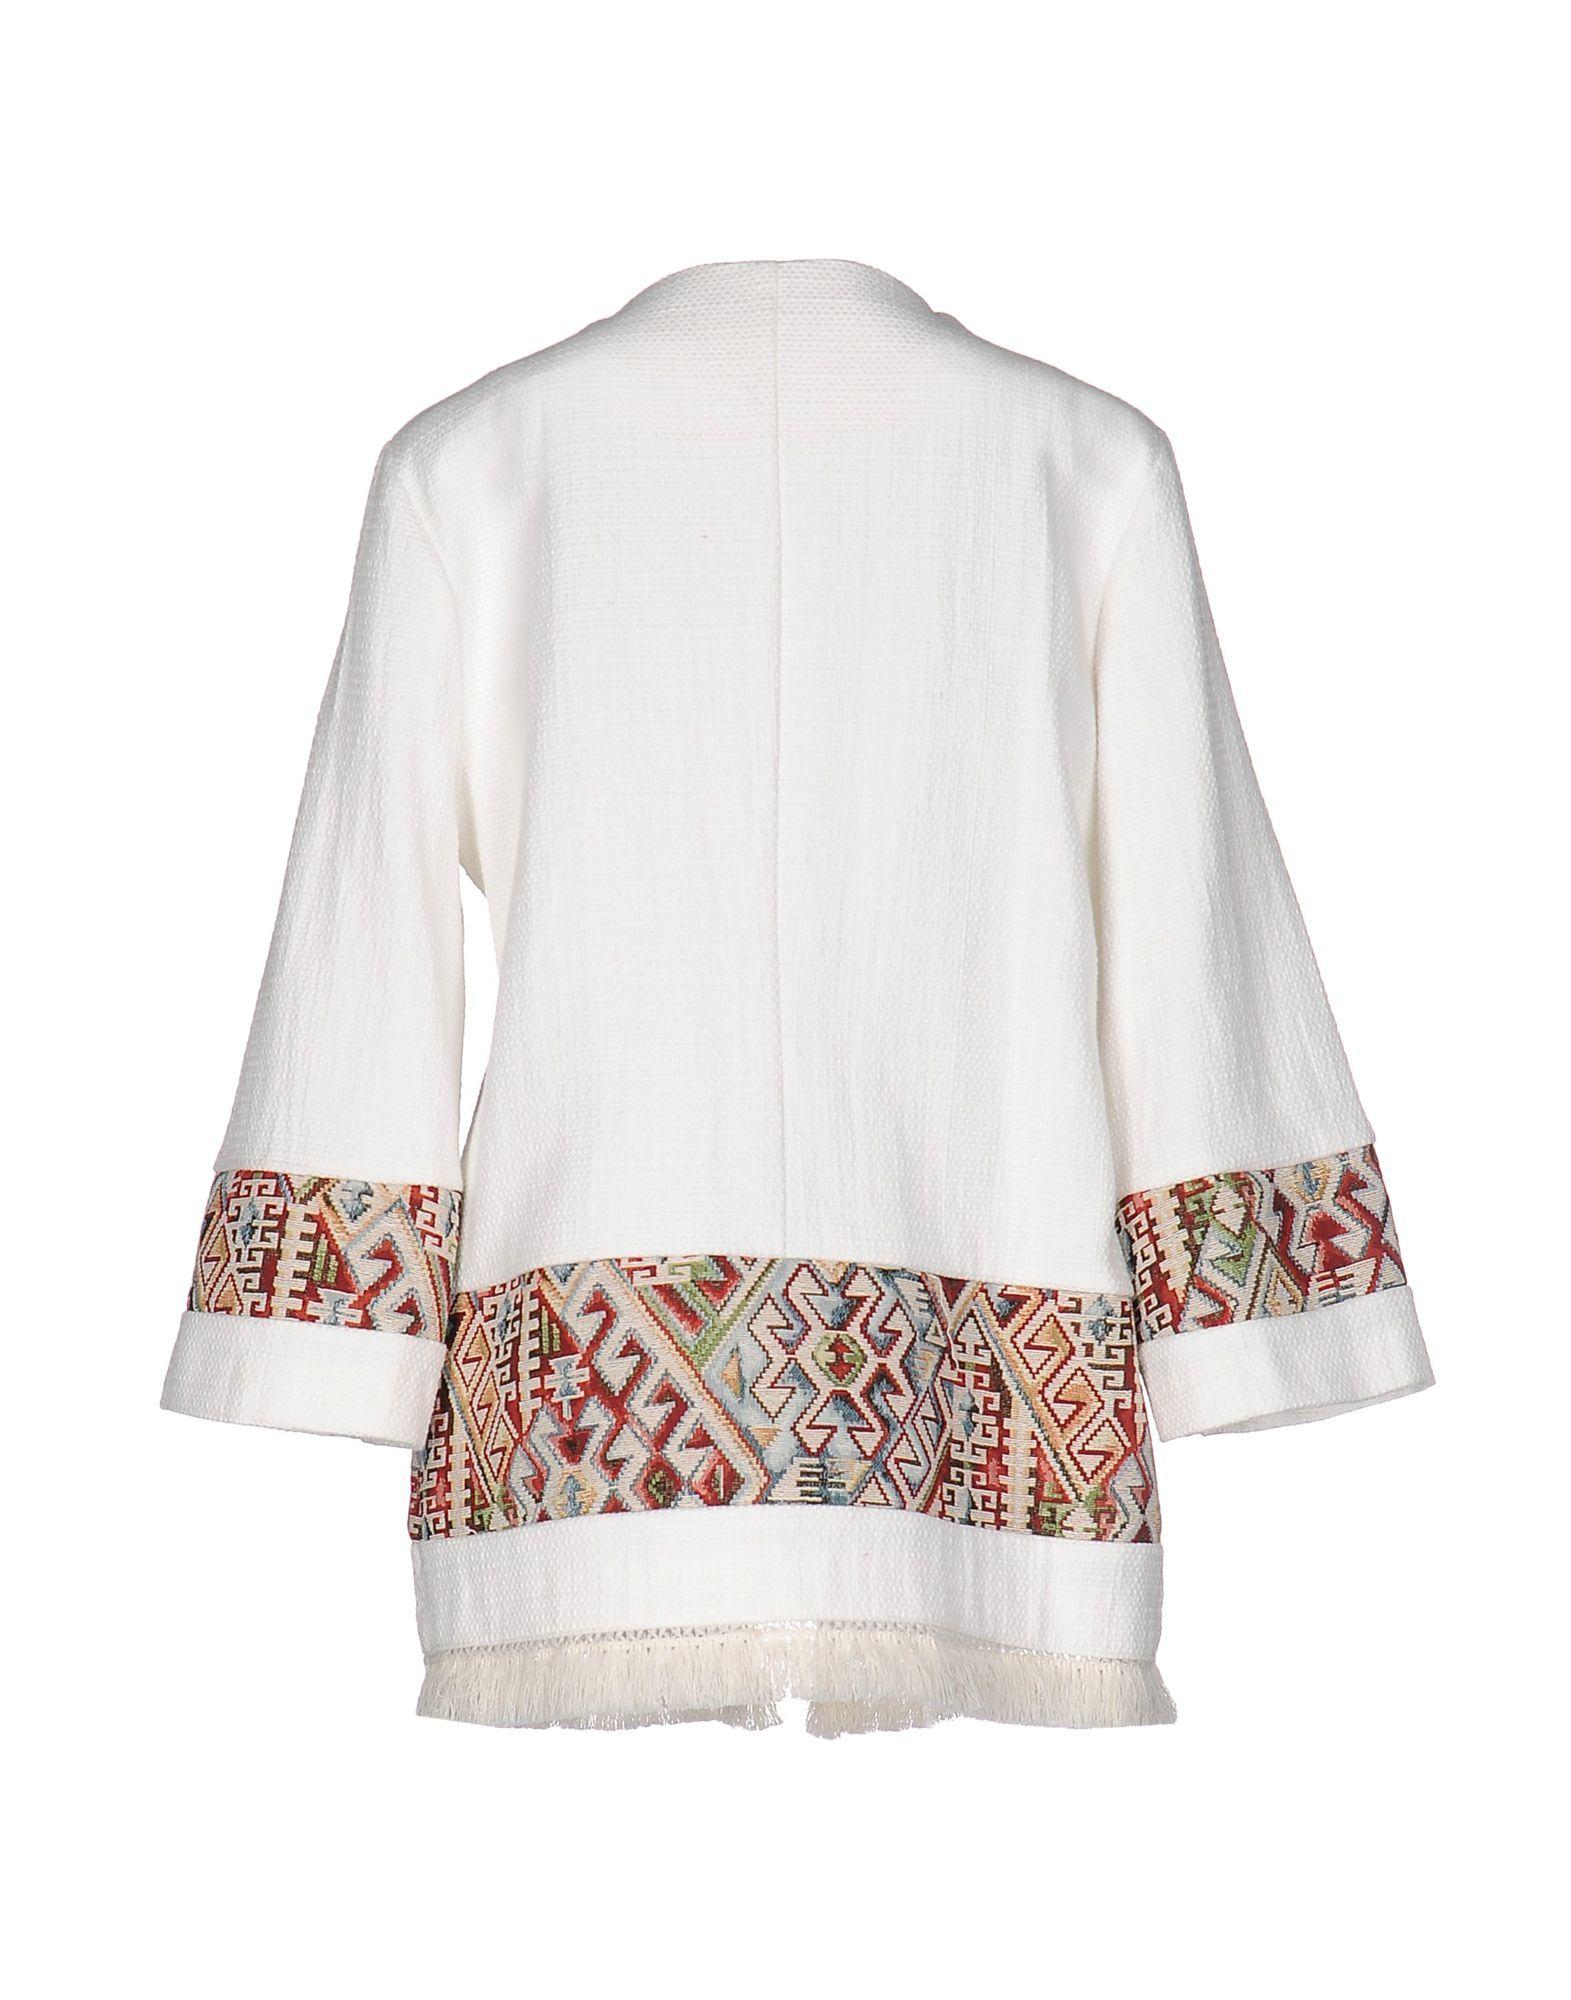 Twenty Easy By Kaos White Cotton Tweed Fringed Jacket